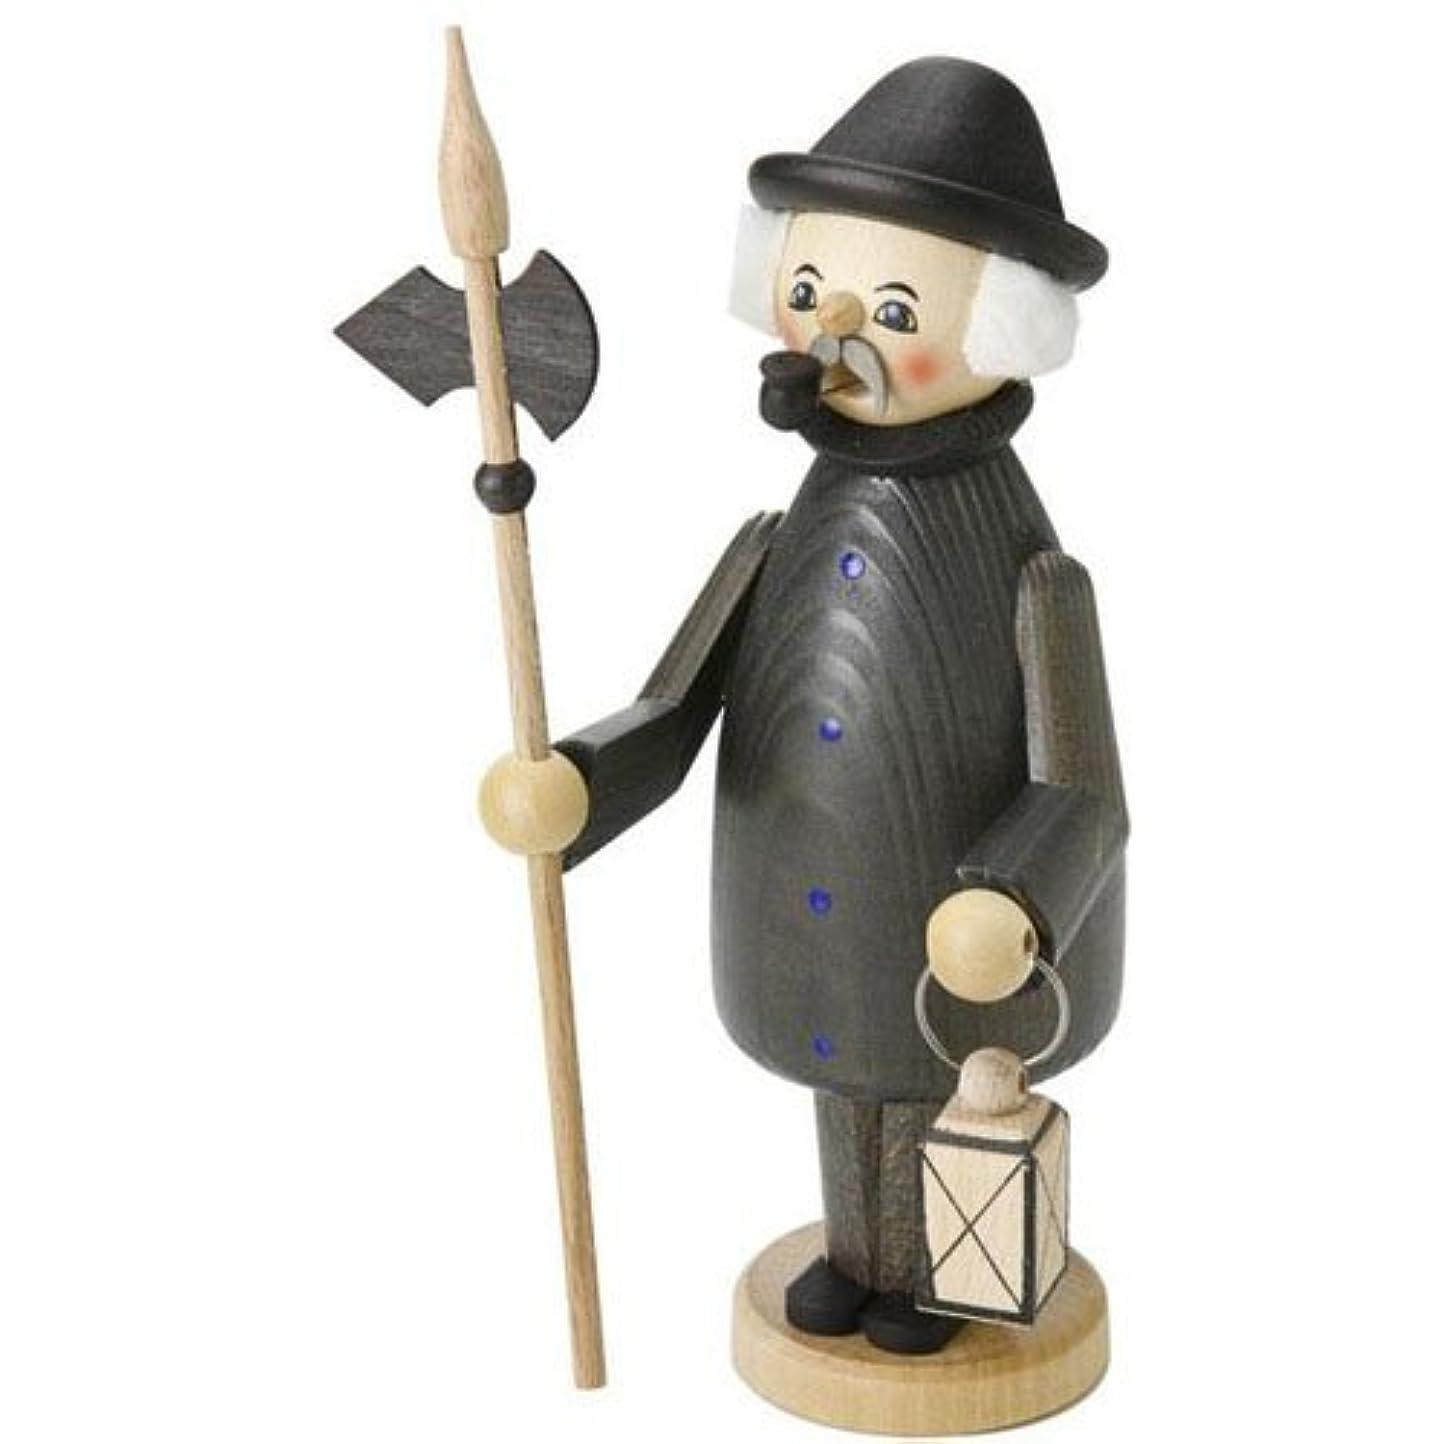 ユーザーライバルアクセスできない39076 Kuhnert(クーネルト) ミニパイプ人形香炉 夜回り